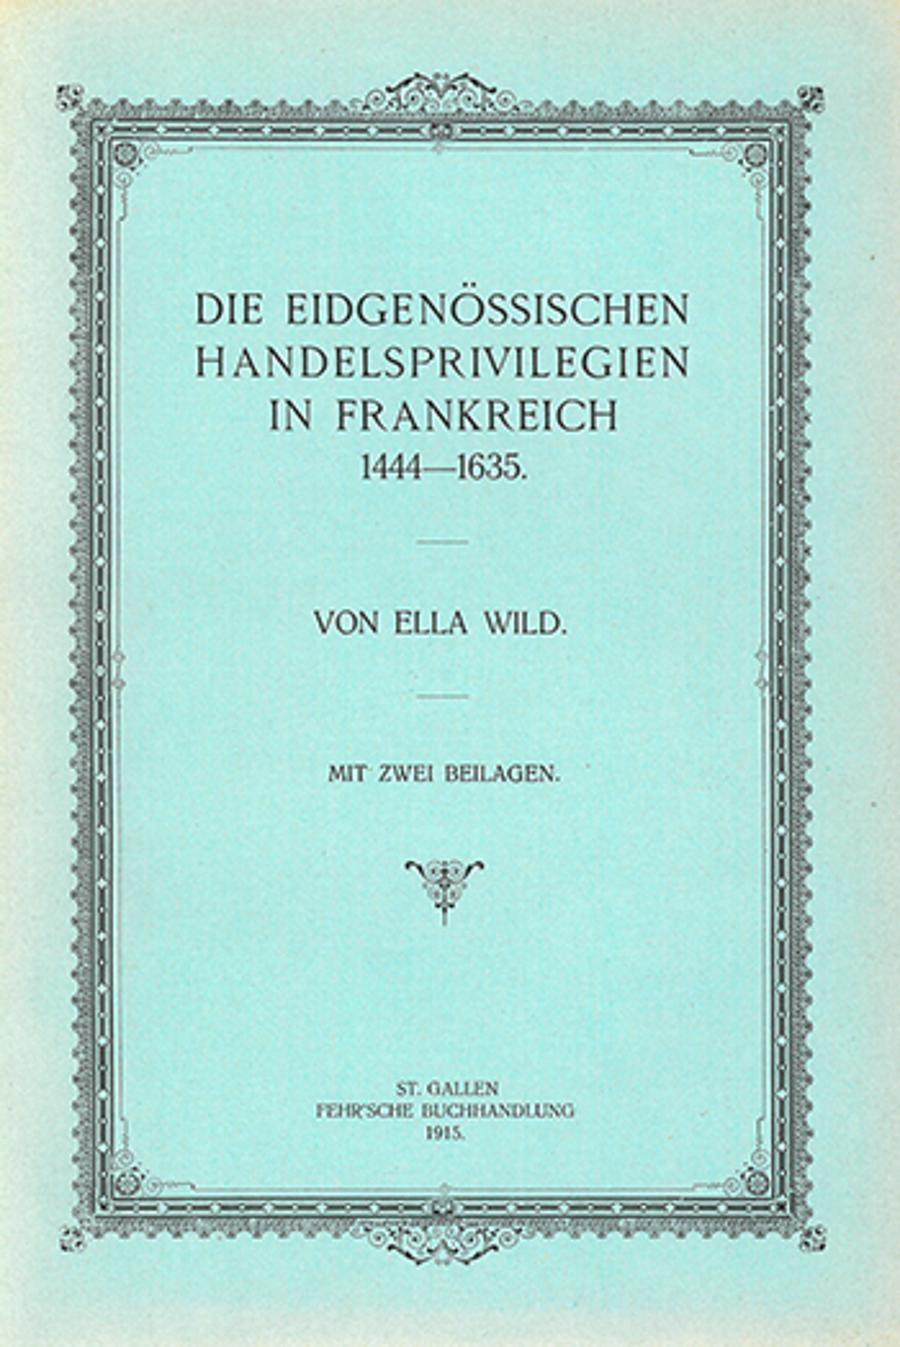 Die eidgenössischen Handelsprivilegien in Frankreich 1444-1635.